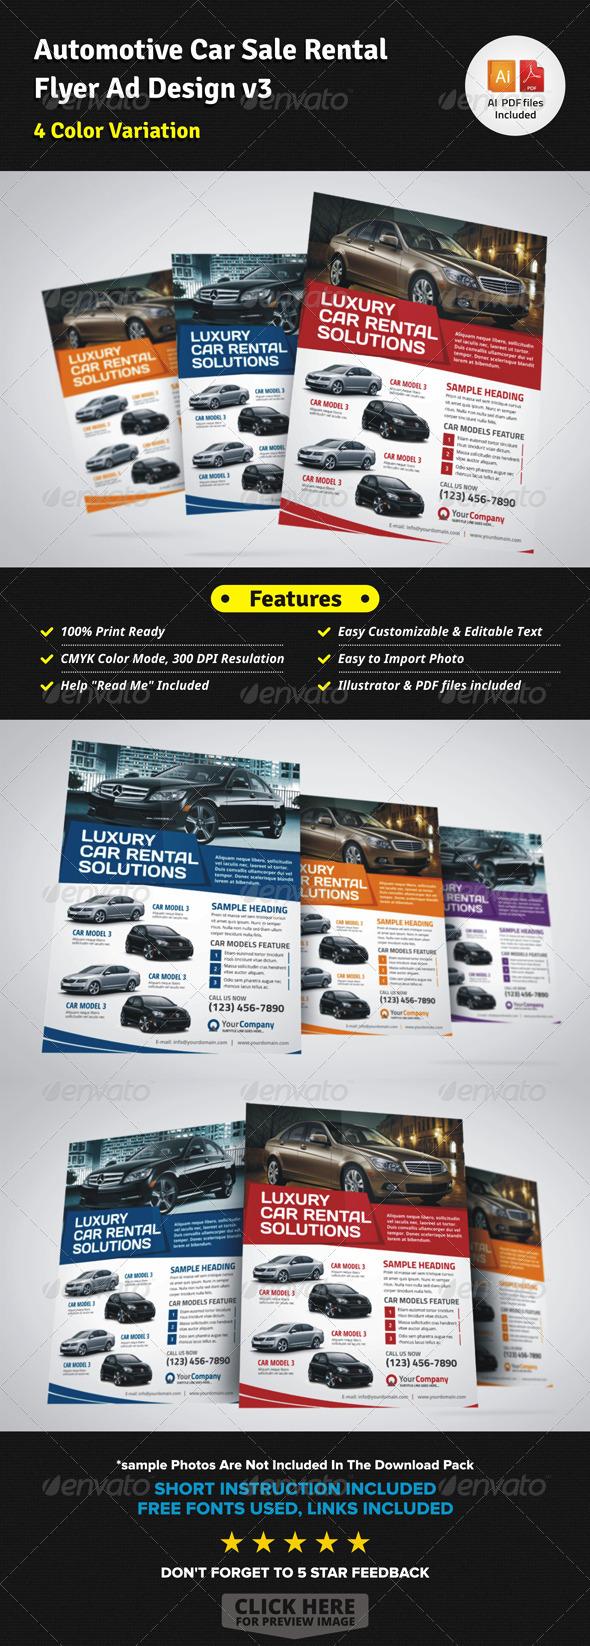 automotive car sale rental flyer ad v3 by jbn comilla graphicriver. Black Bedroom Furniture Sets. Home Design Ideas